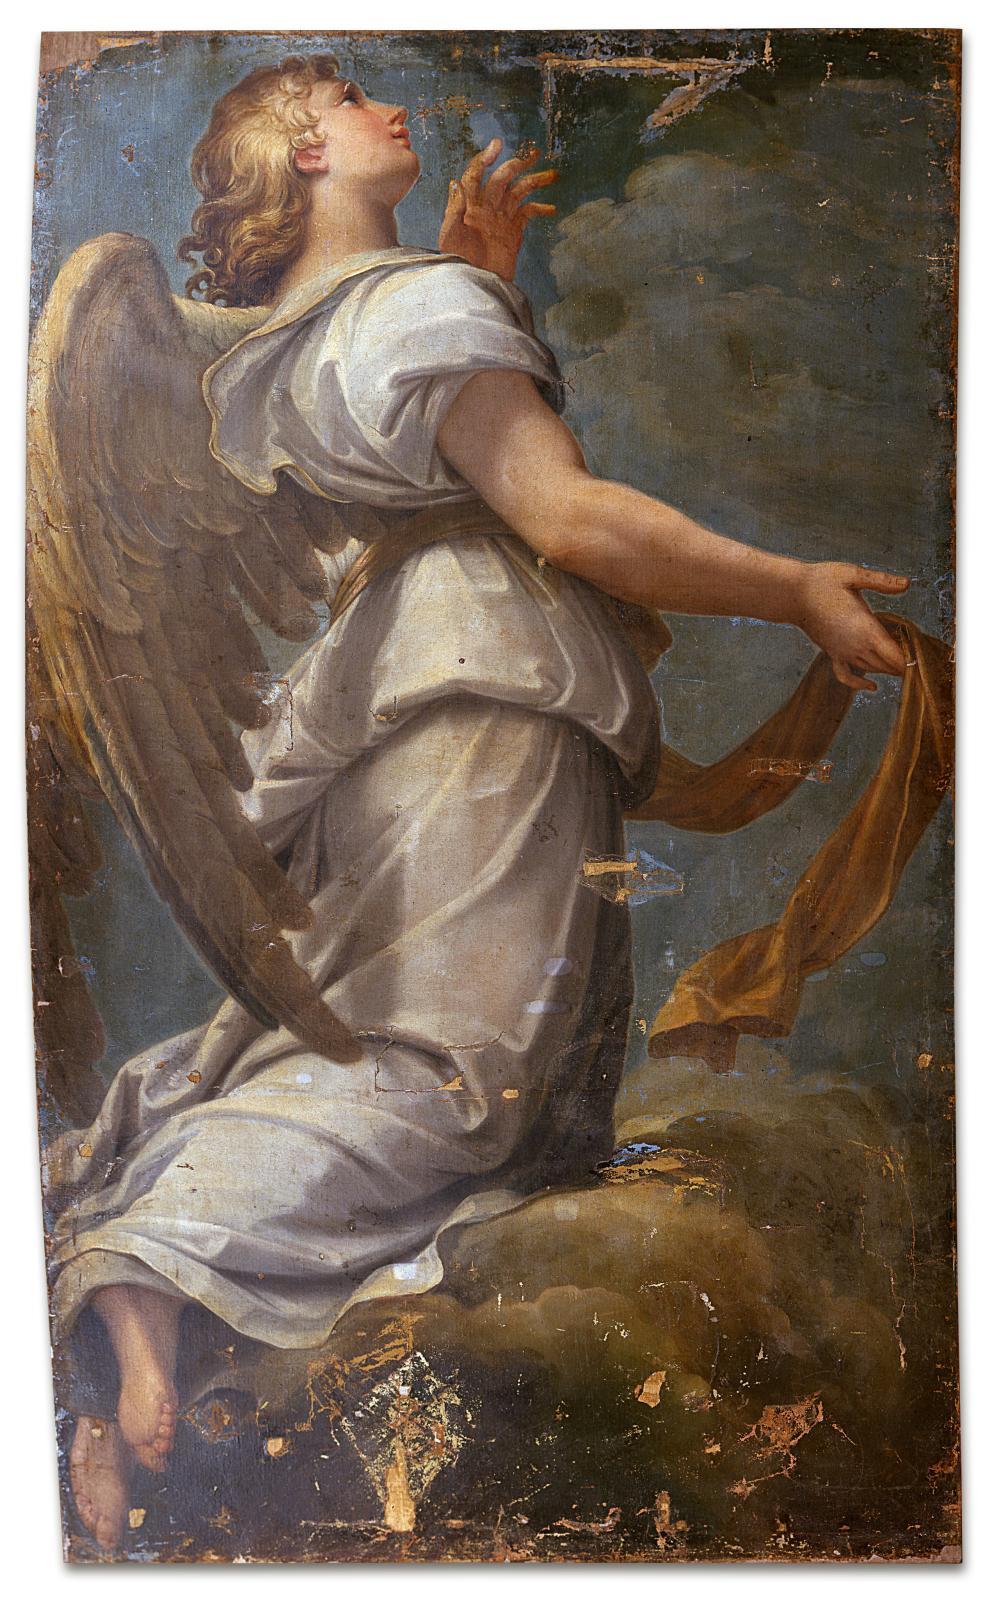 Giacomo Zoboli (1681-1767), Ange monumental: carton préparatoire pour la mosaïque à Saint-Pierre de Rome, huile sur toile, 379x223cm.